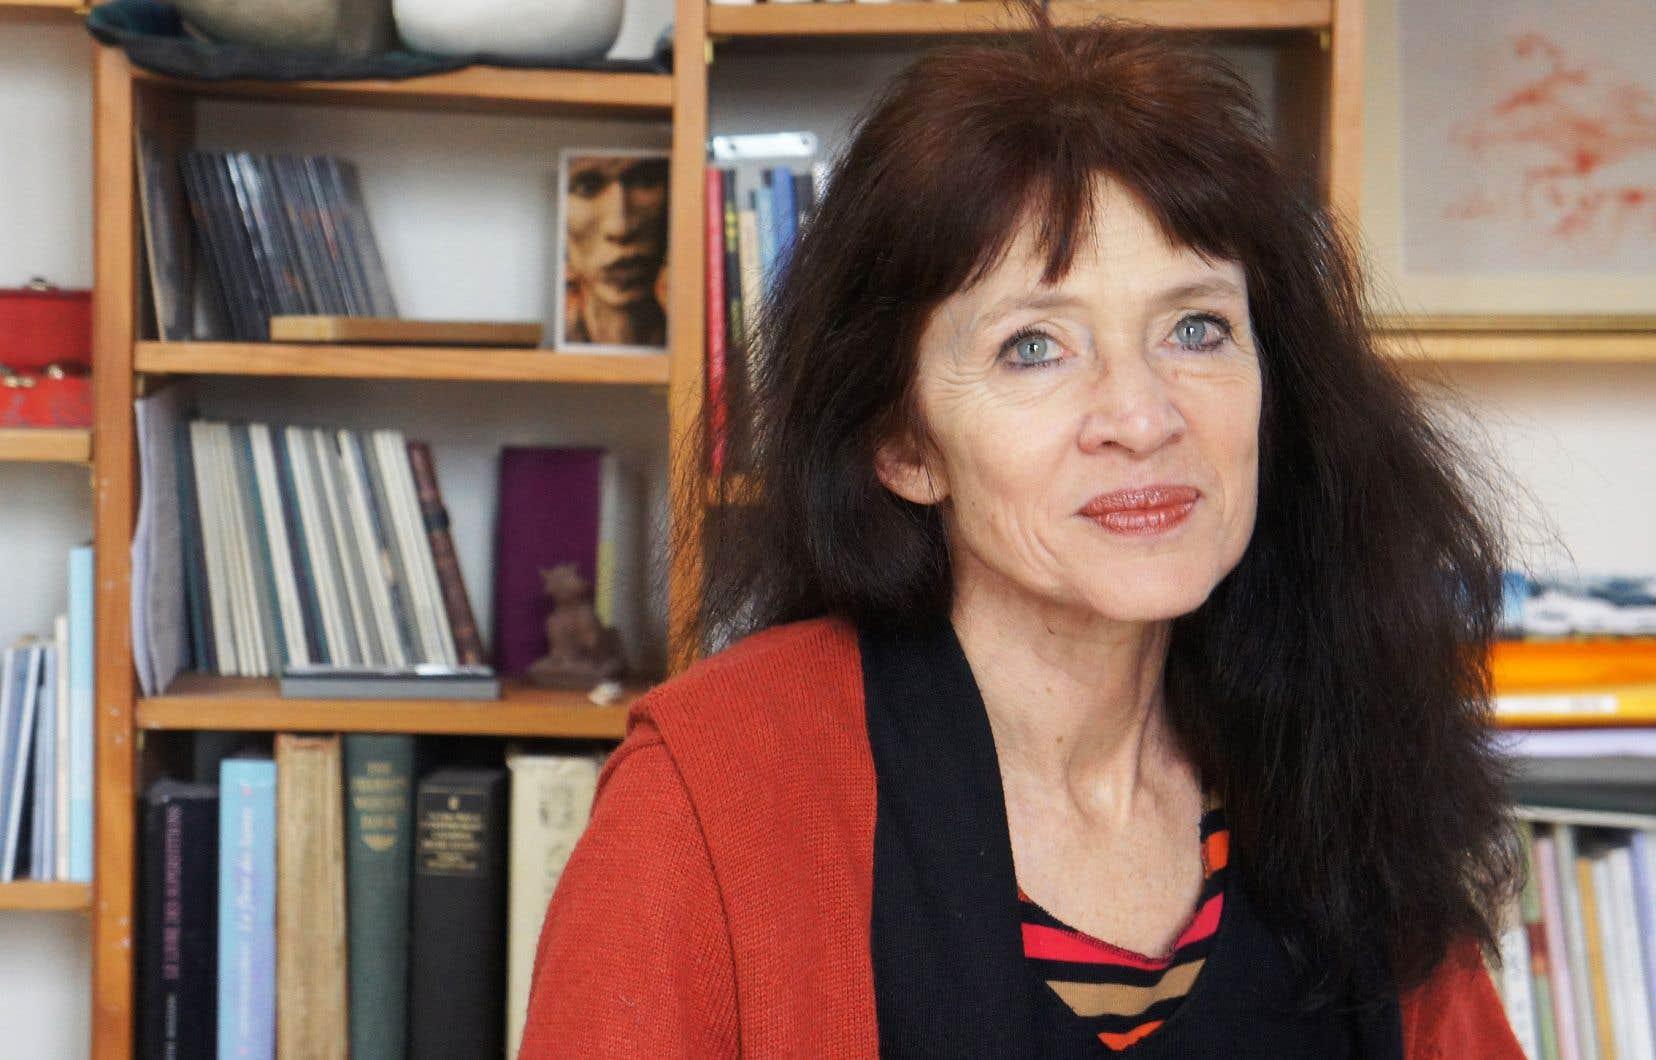 L'autrice Nancy Huston traite en vrac de ses sujets de prédilection.